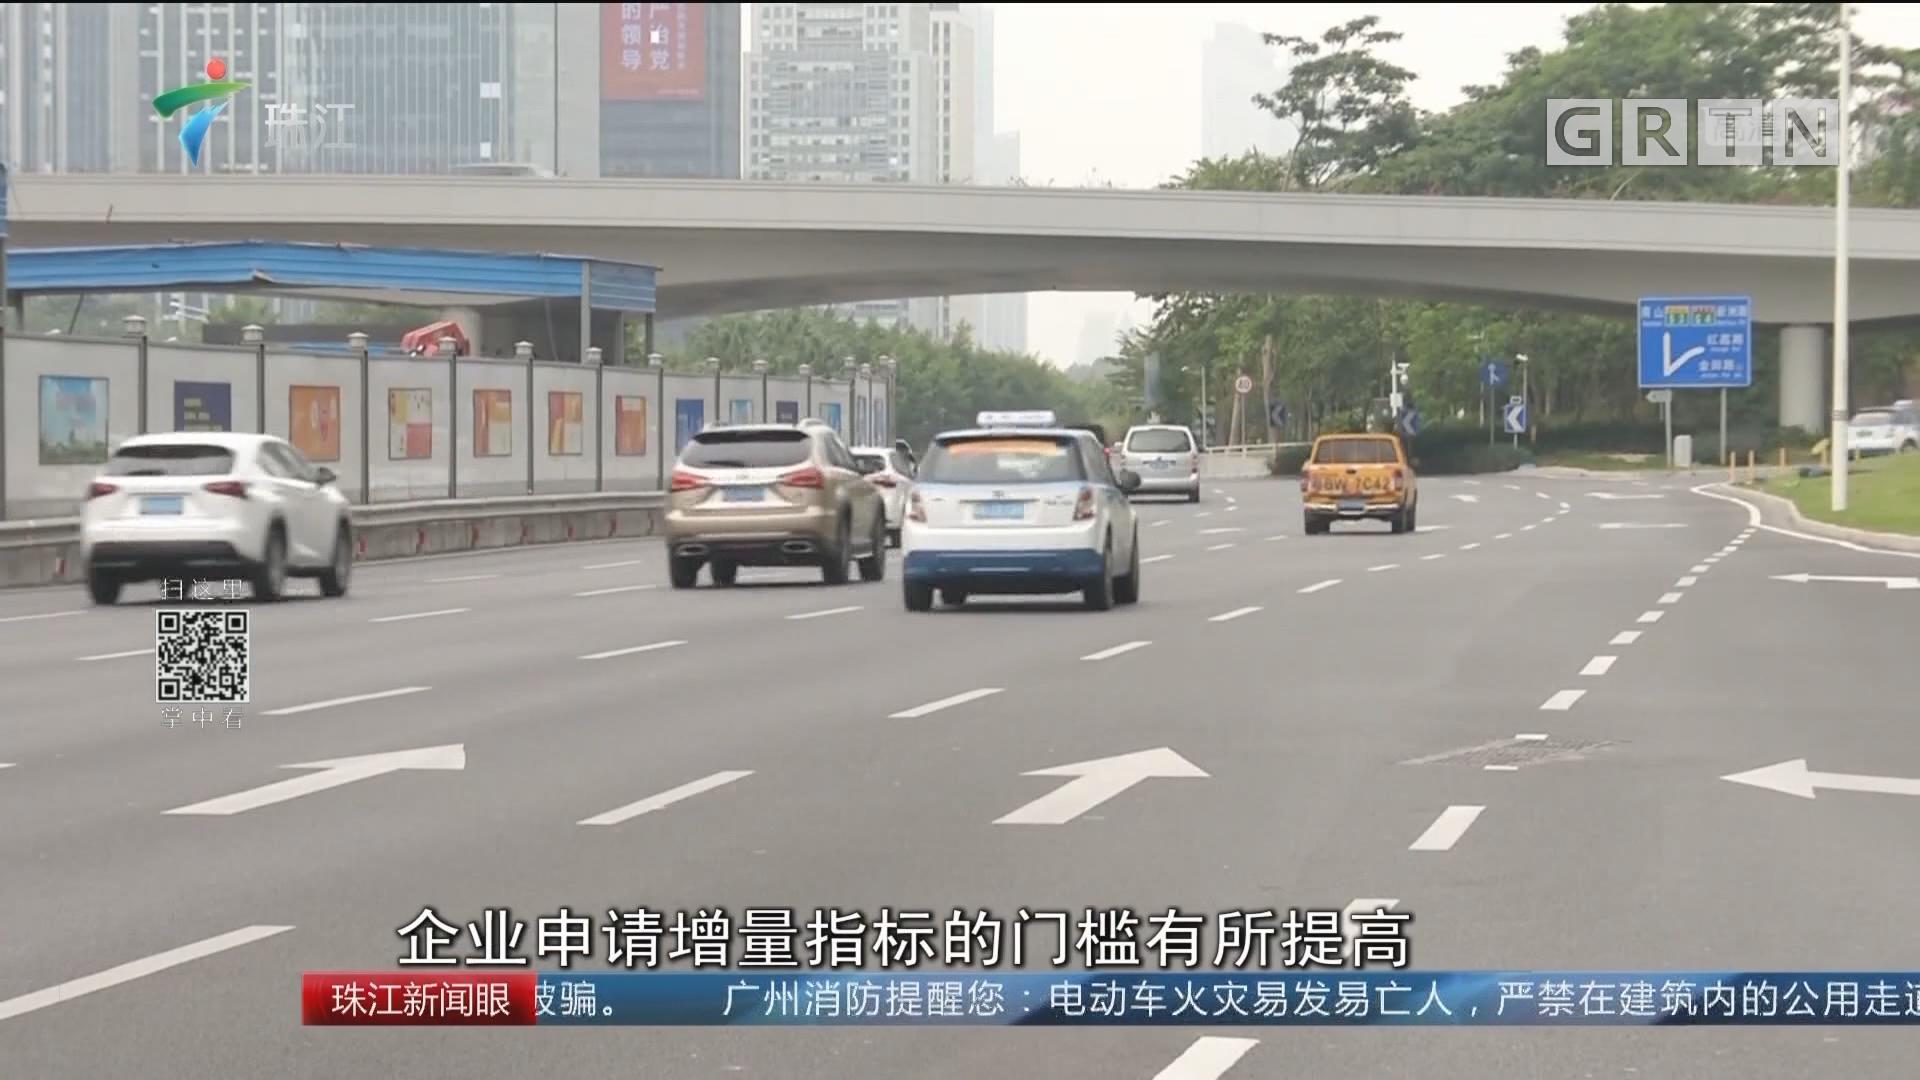 深圳:混动电动车增量无额度限制